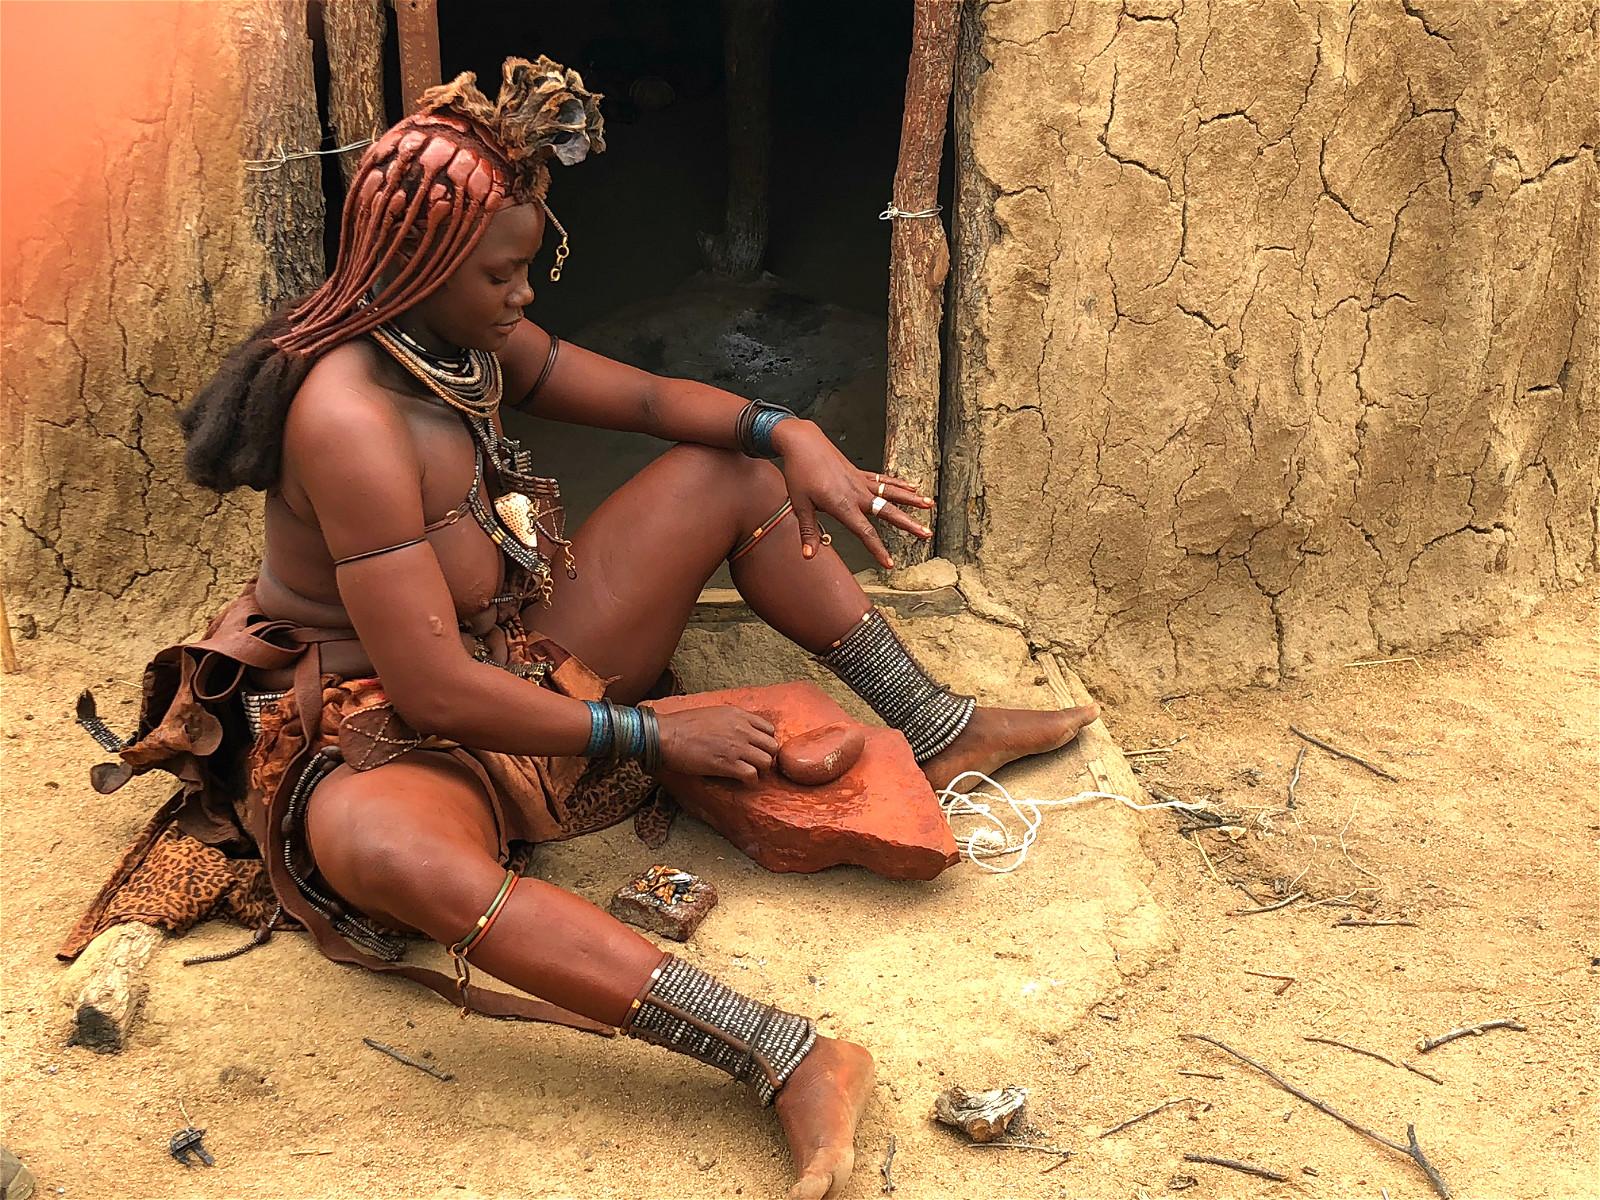 Nous visitons le peuple mythique de la Namibie, les Himbas